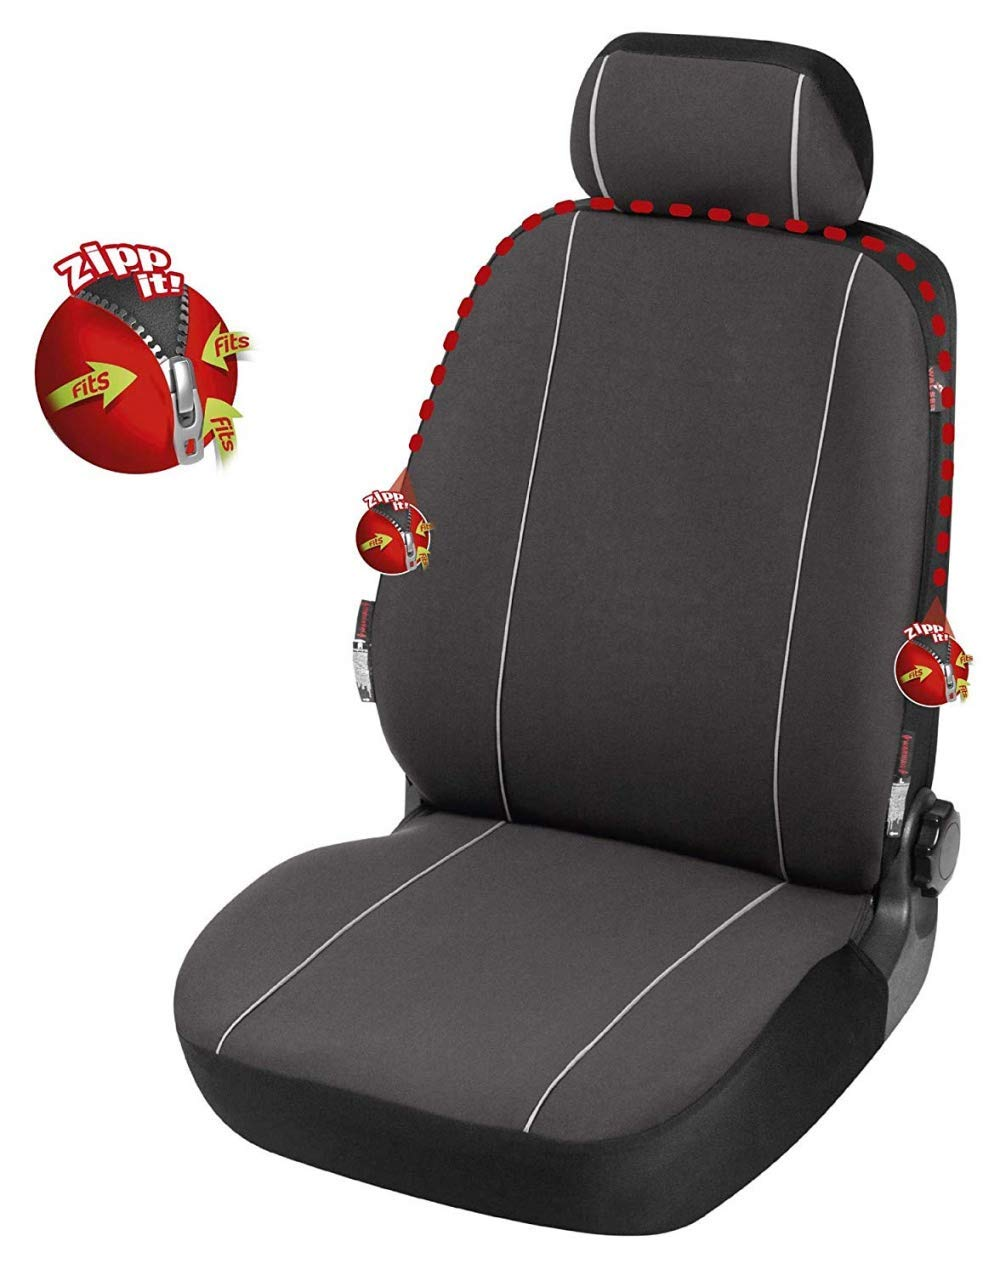 compatibili con sedili con airbag bracciolo Laterale H 2004-2010 rmg-distribuzione Coprisedili SPECIFICI per Astra Versione sedili Posteriori sdoppiabili R60S0615